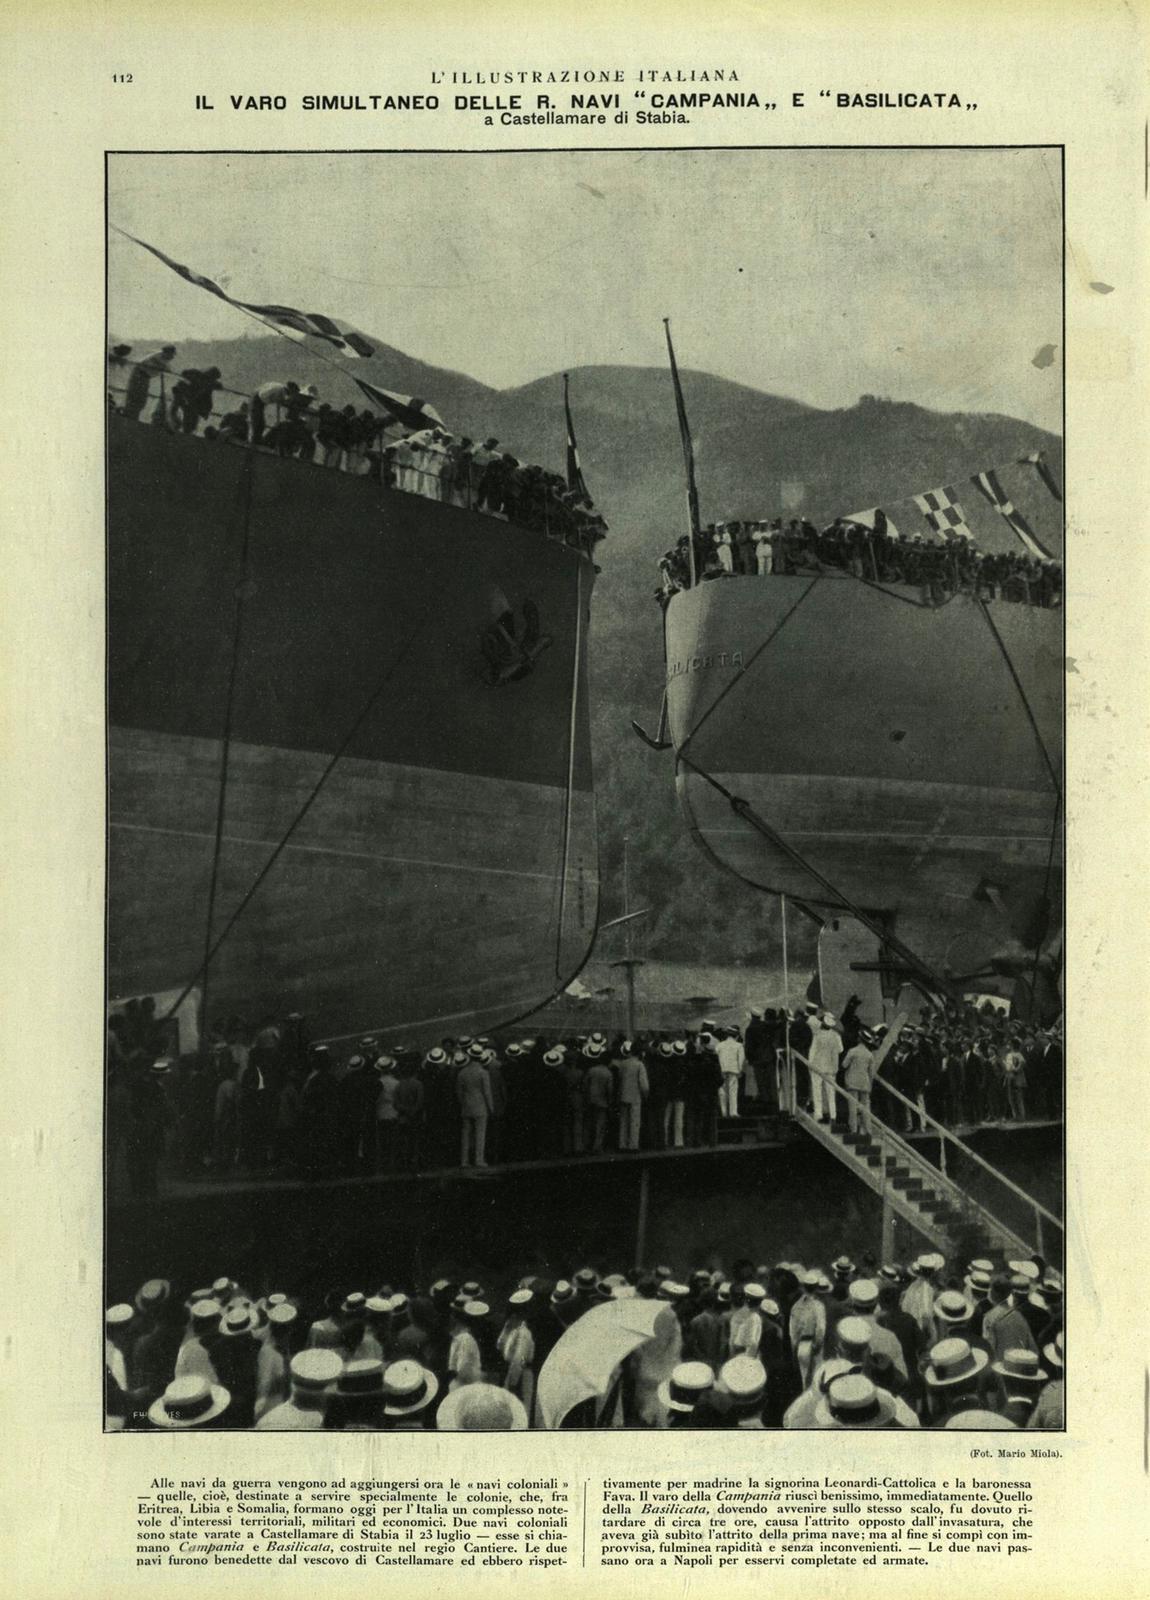 L'Illustrazione Italiana numero 31, del 2 agosto 1914